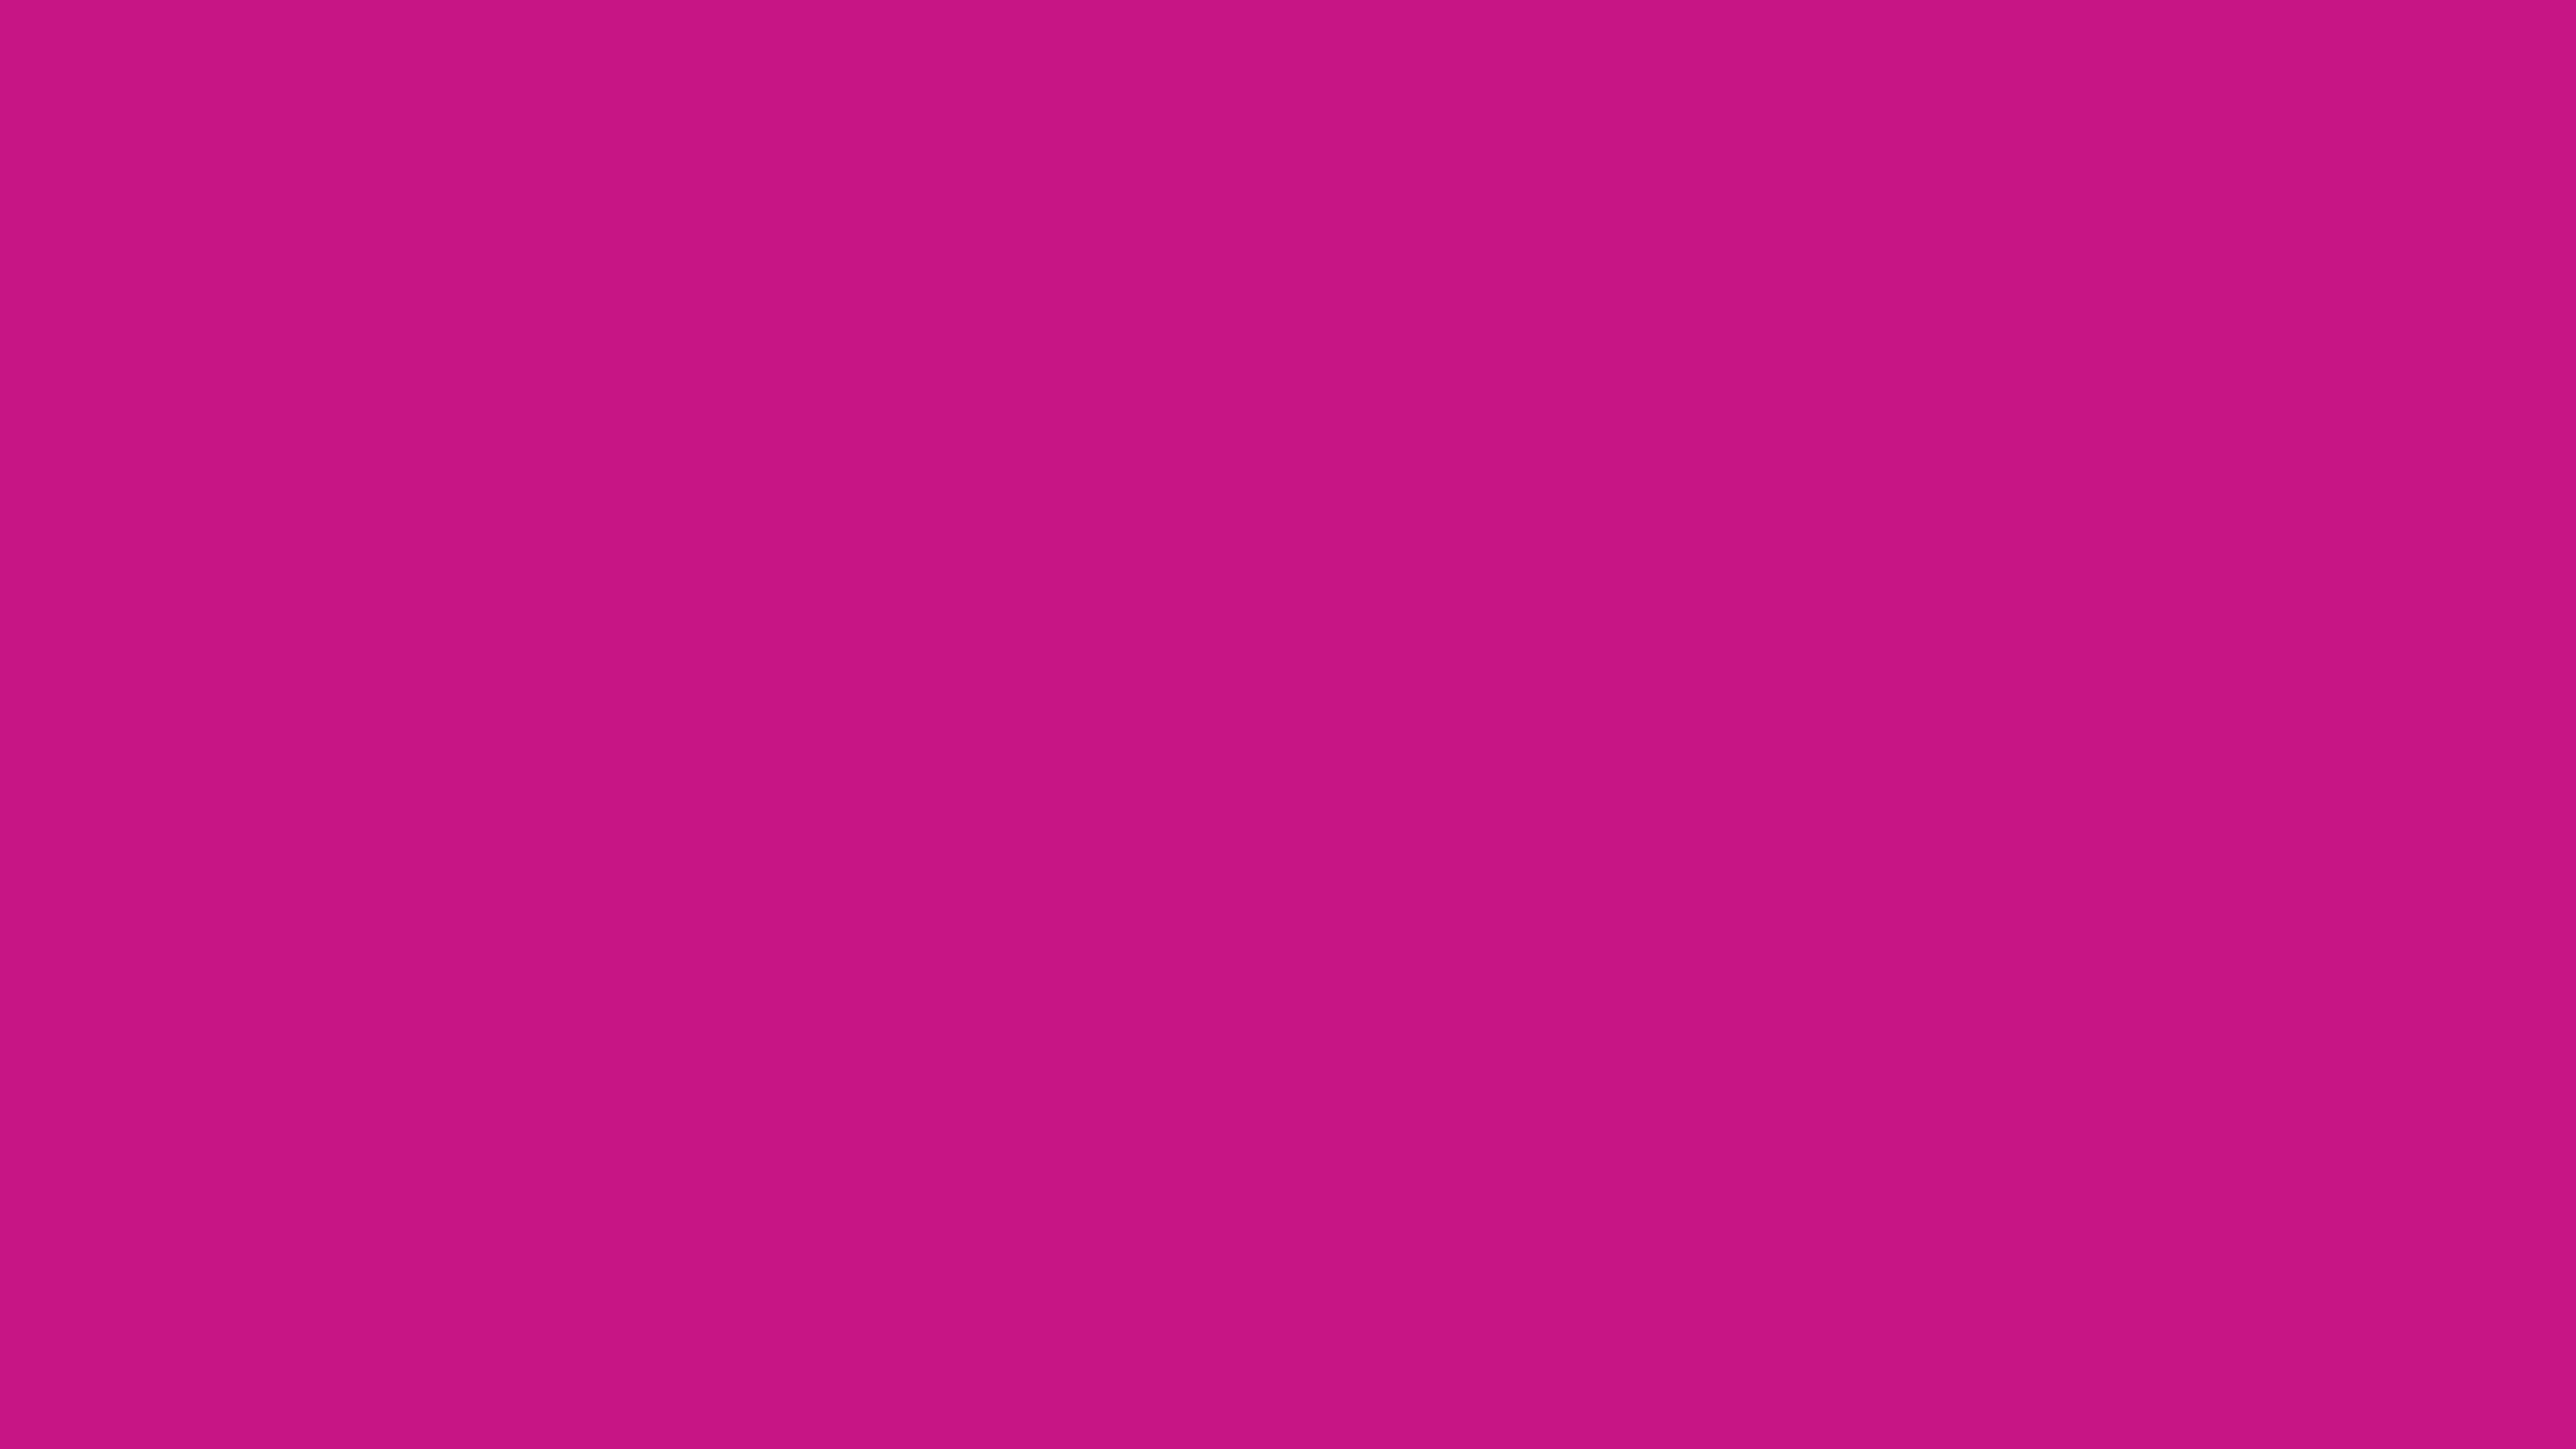 4096x2304 Red-violet Solid Color Background